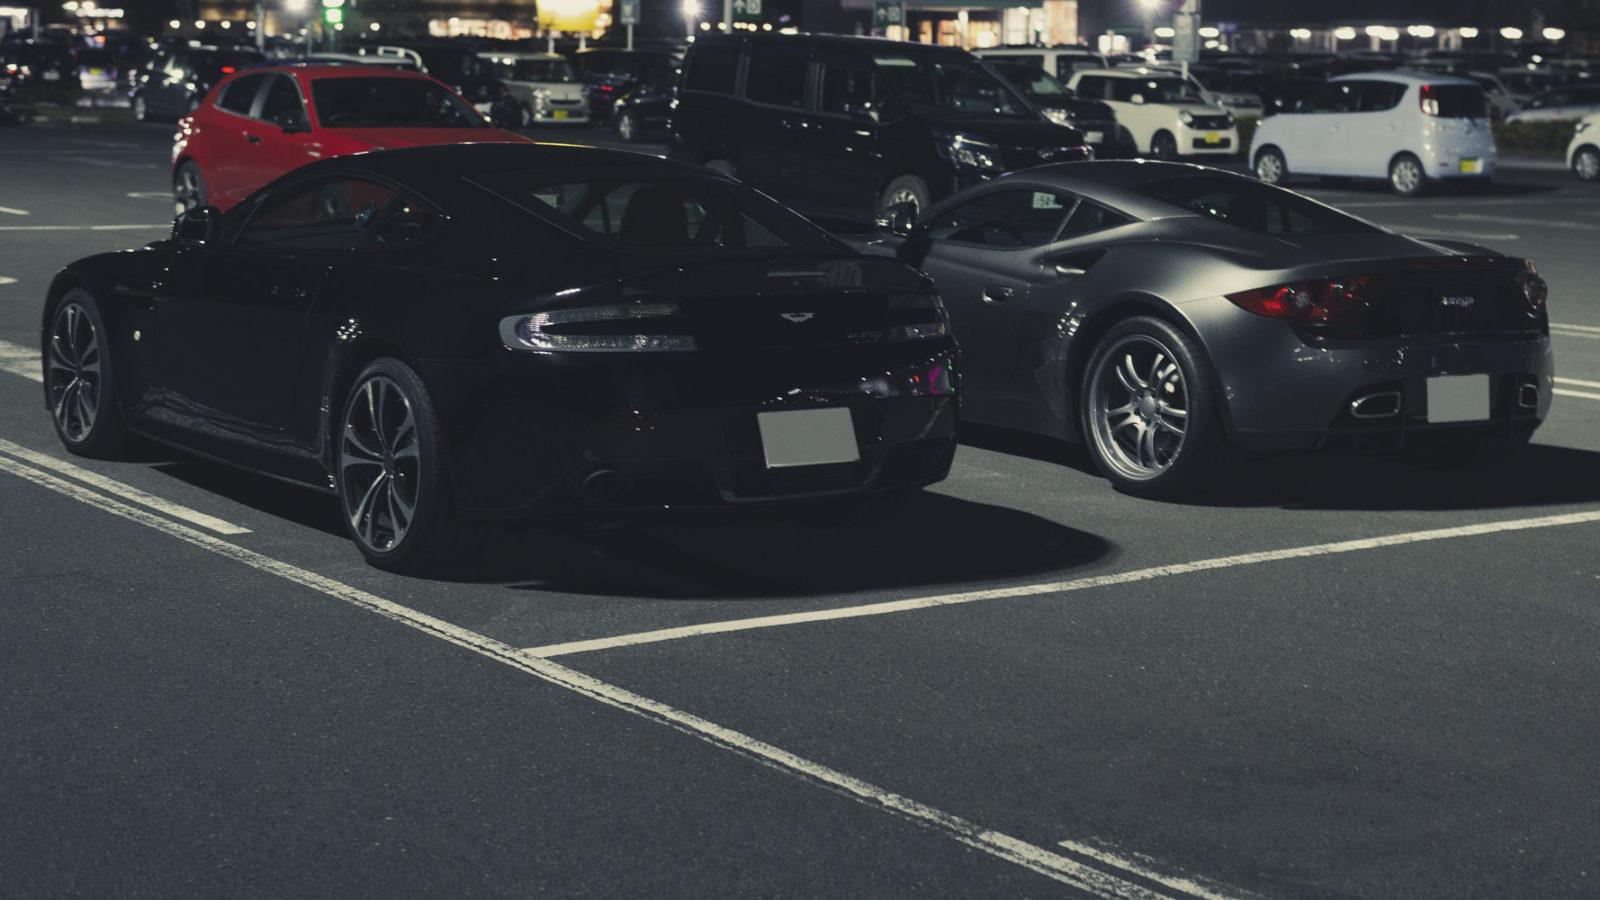 V12ヴァンテージとアルテガGT